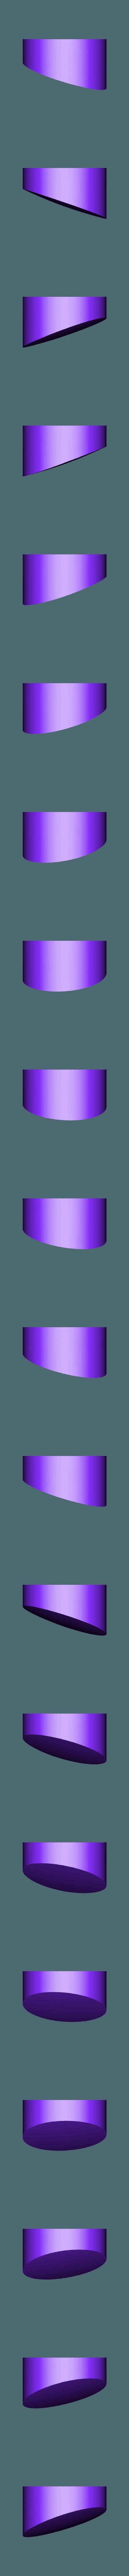 pupil_right_black.stl Télécharger fichier STL gratuit Chococat (チョコキャット, Chokokyatto) de Hello kitty • Modèle pour imprimante 3D, Jangie